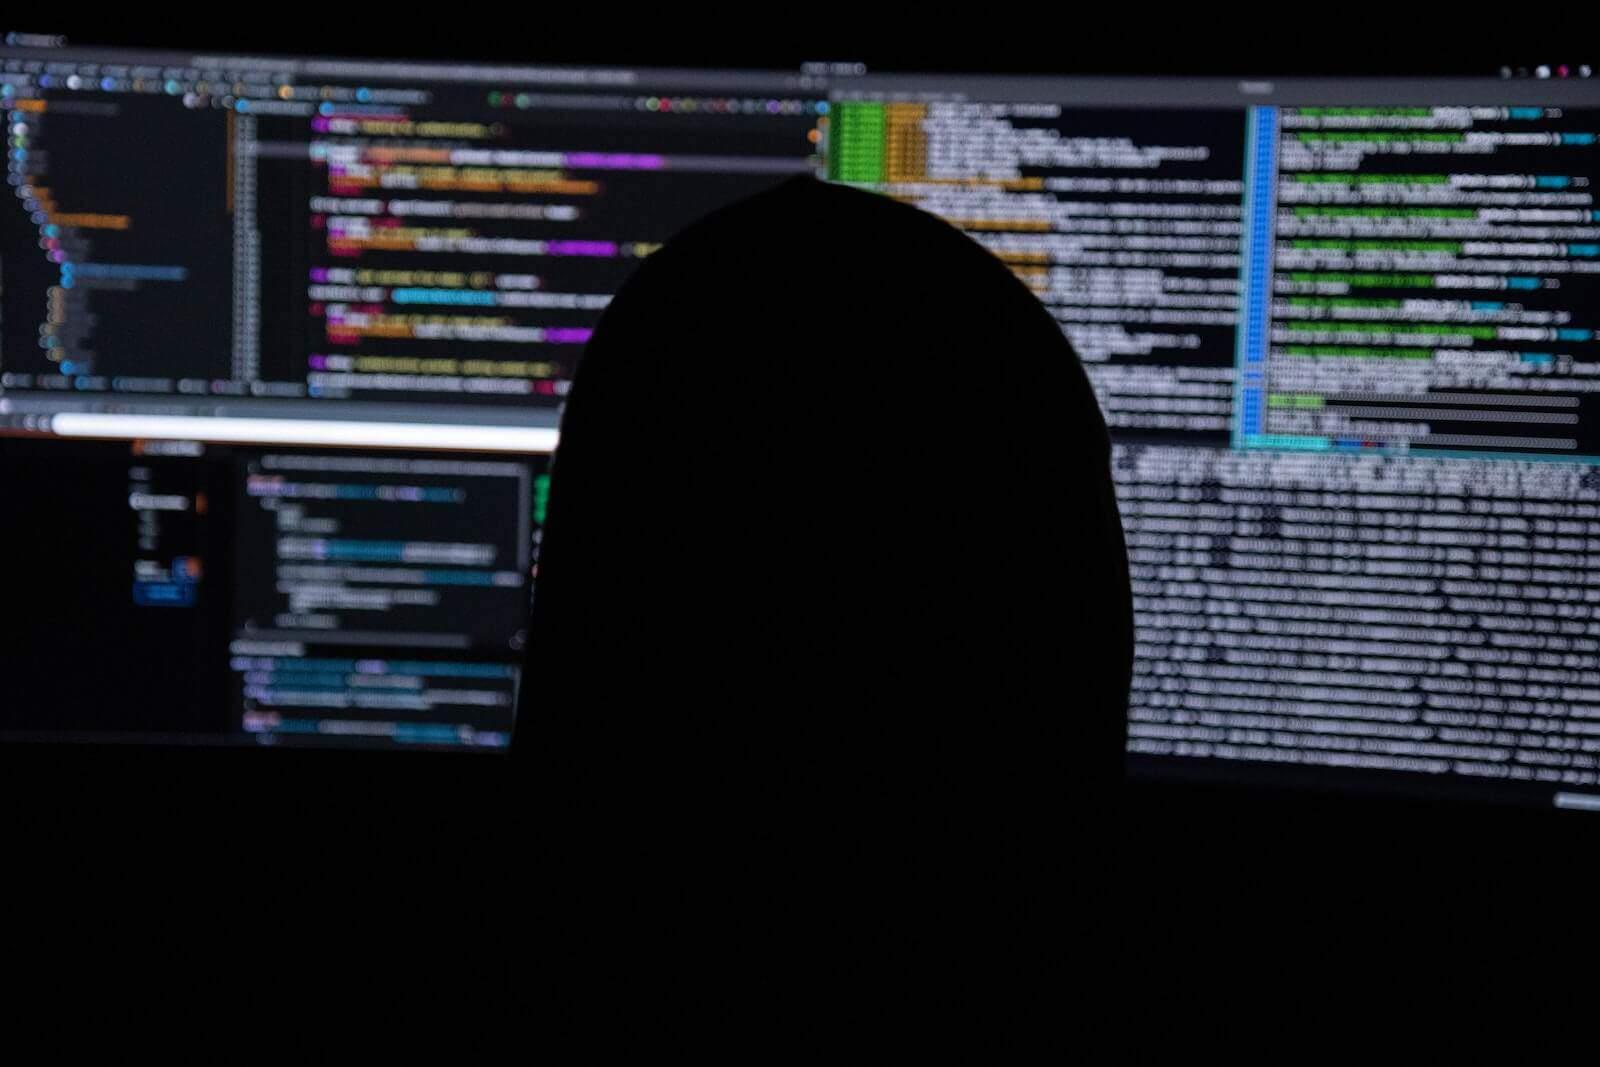 caracteristicas de linux seguridad